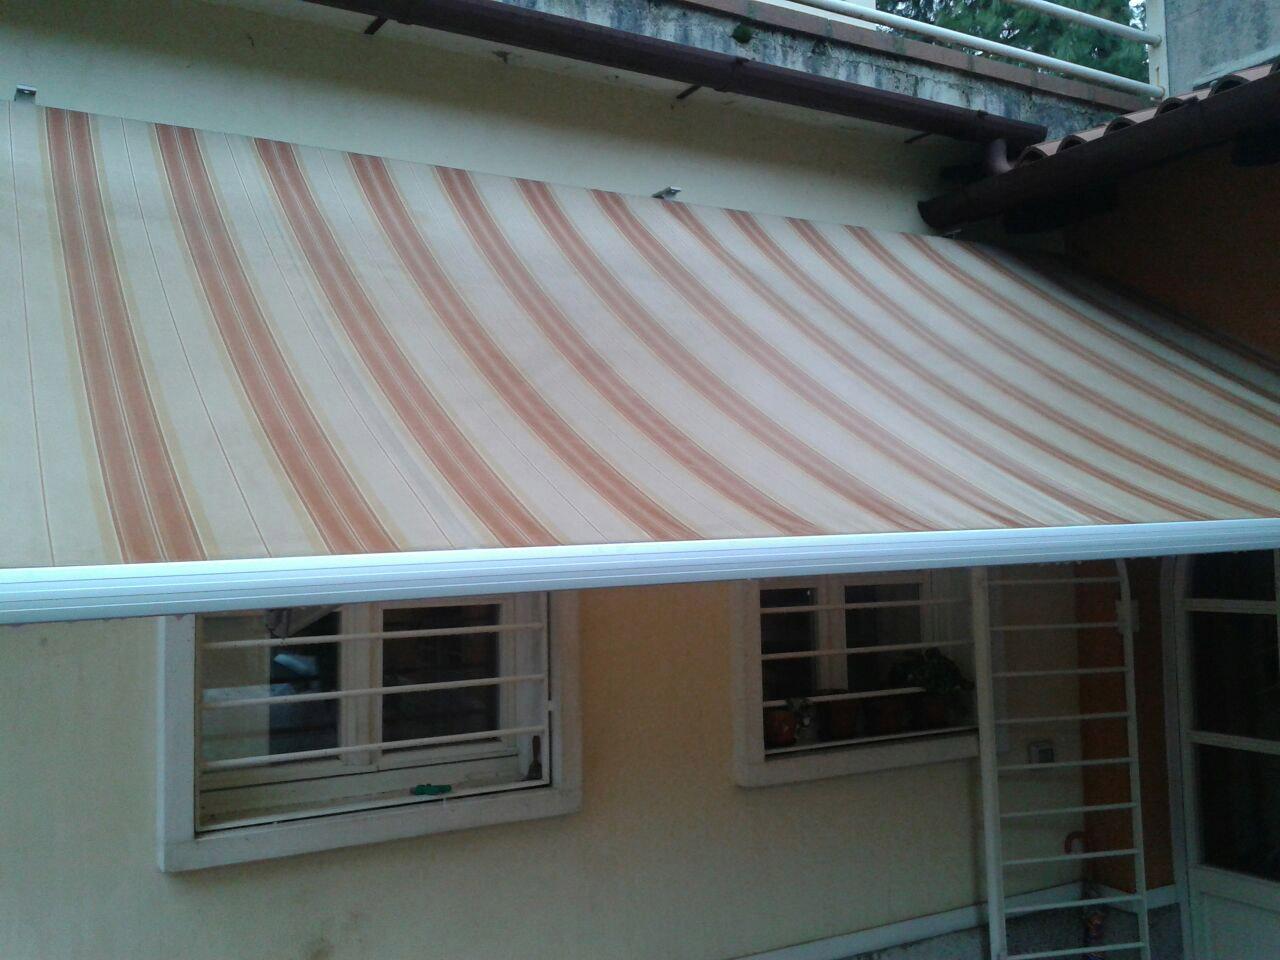 Casa privata udine lavaggio tende for Casa moderna udine 2015 orari